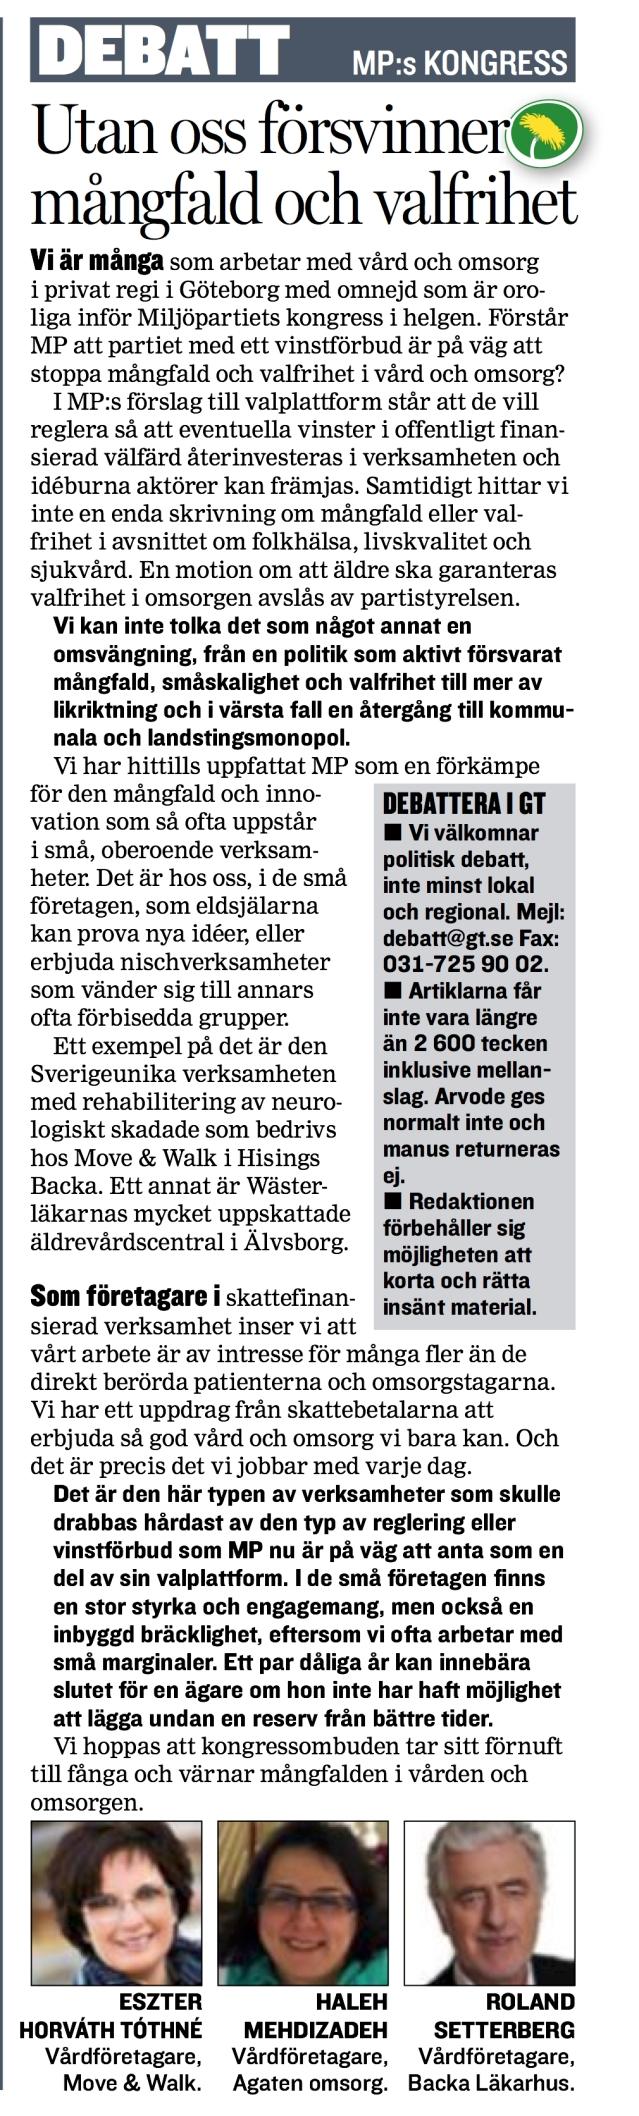 Debattartikel från GT den 30/5 2014: Vårdföretagare oroliga för MP:s välfärdspolitik. Move & Walk kan drabbas